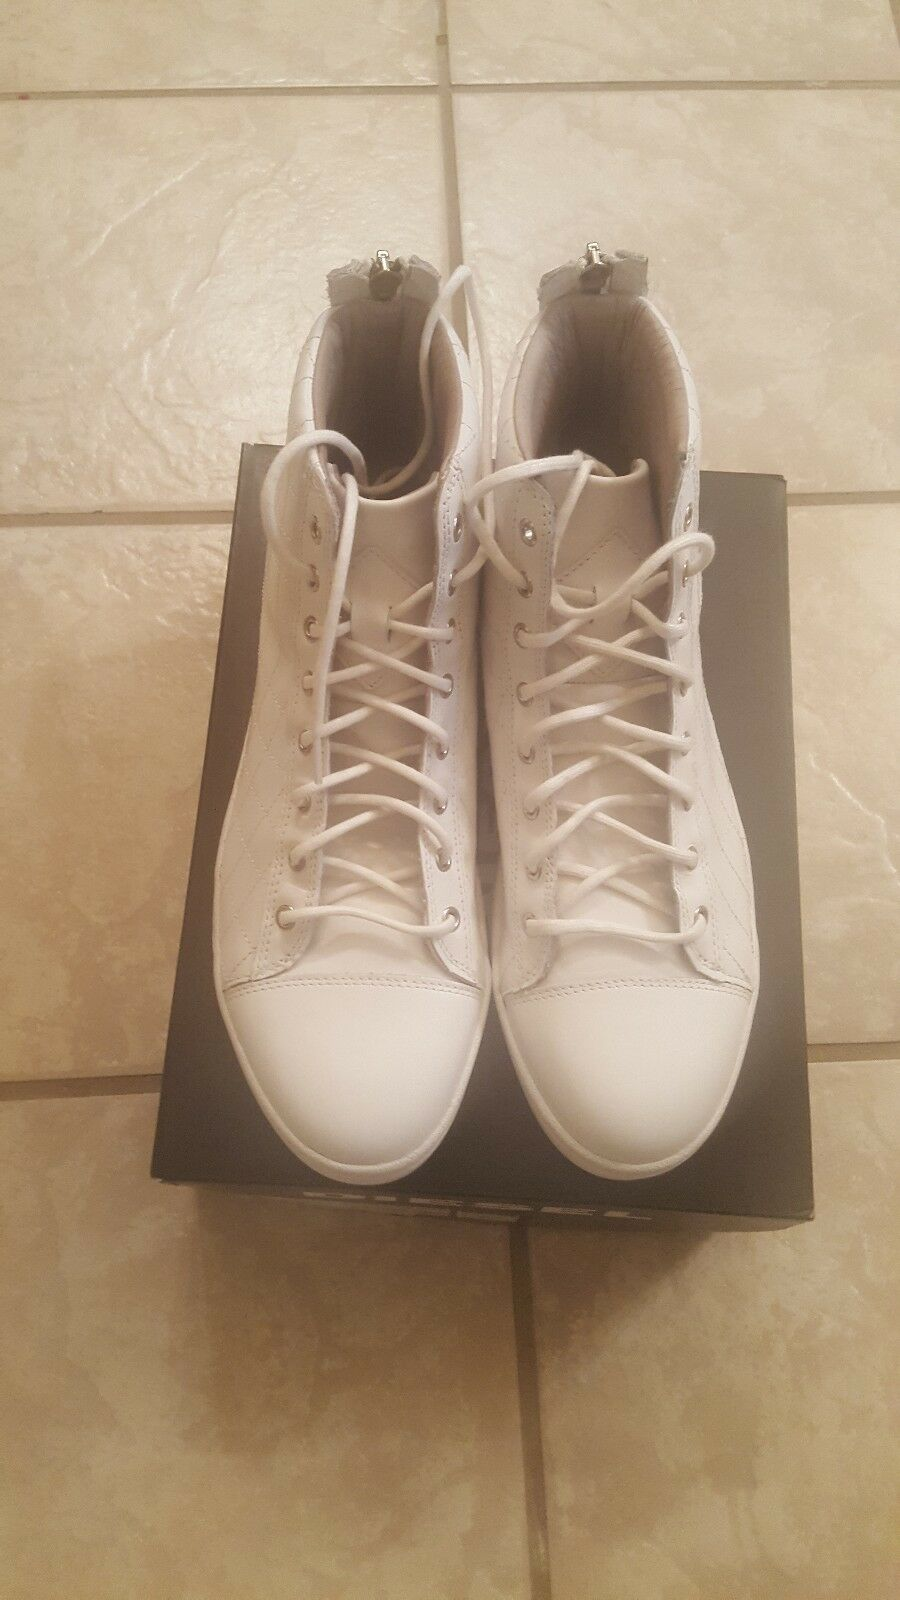 Diesel para hombres zapatos tenis Diamond acolchado blancoo Talla 9